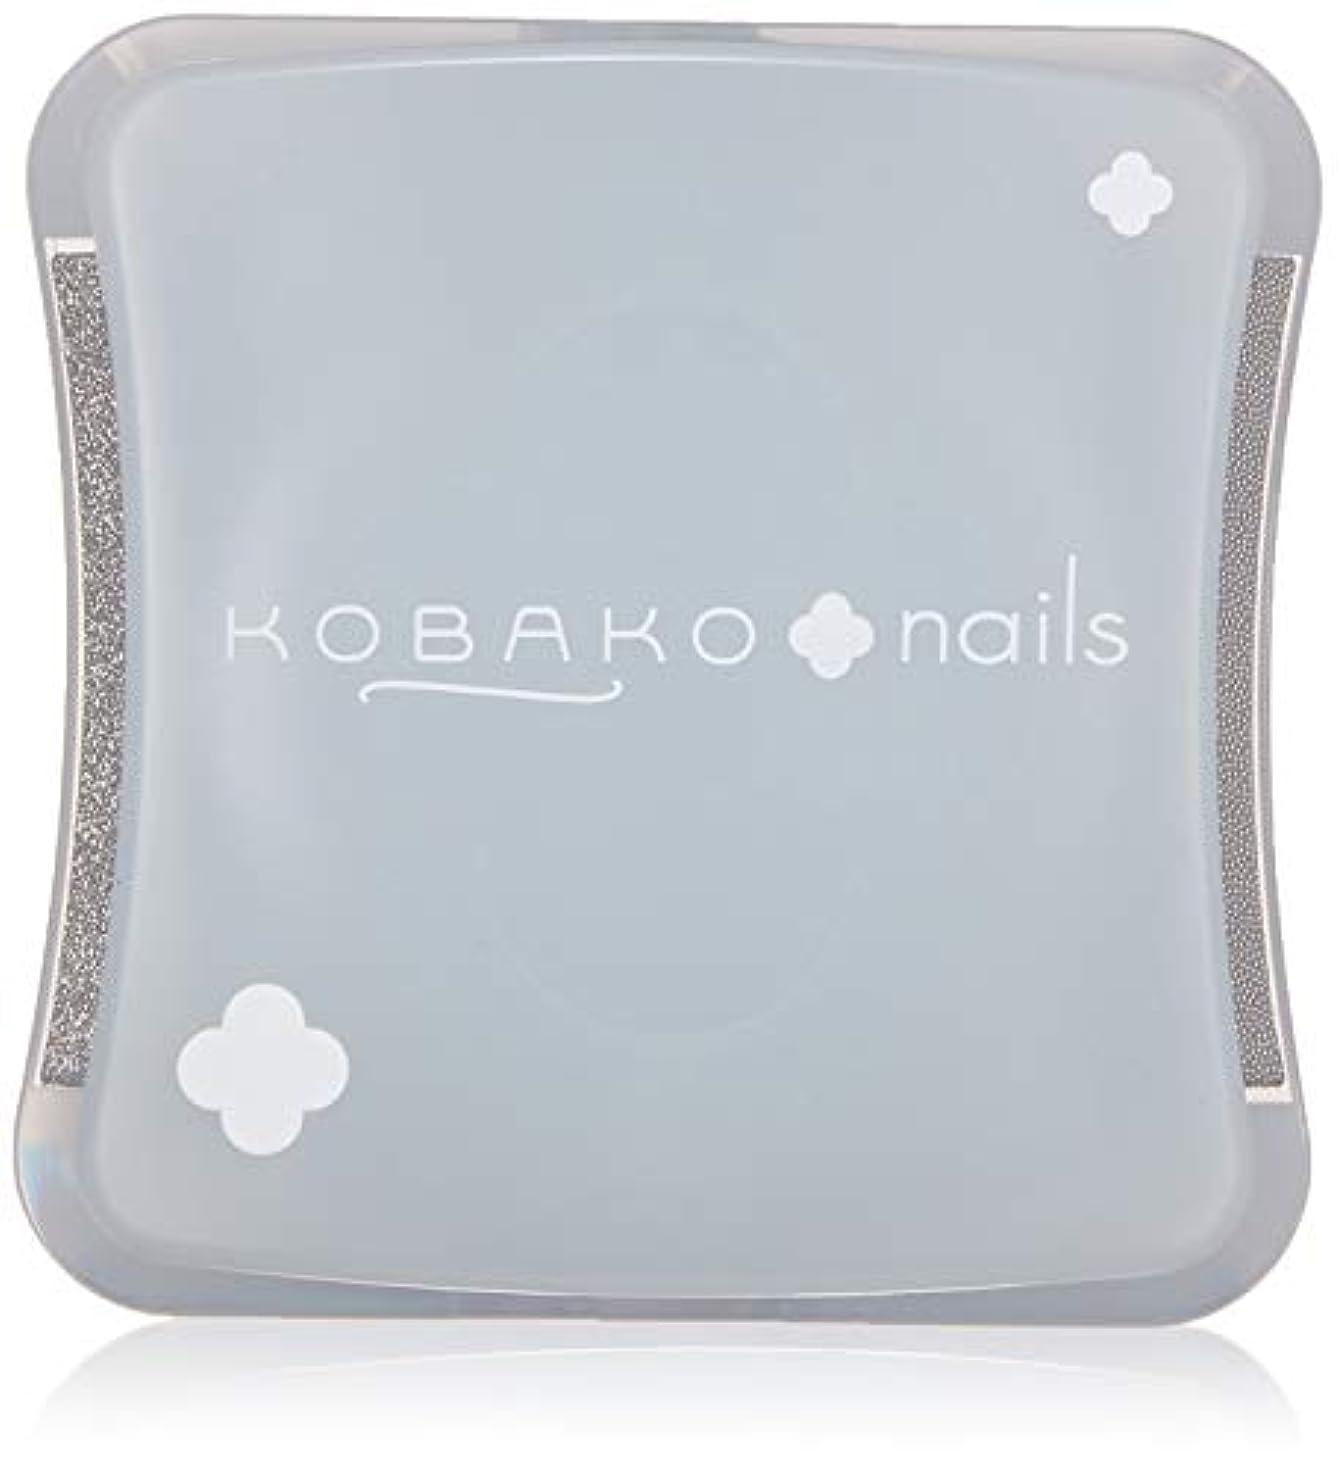 ネックレットアマチュア構造的KOBAKO(コバコ) コンパクトネイルファイル